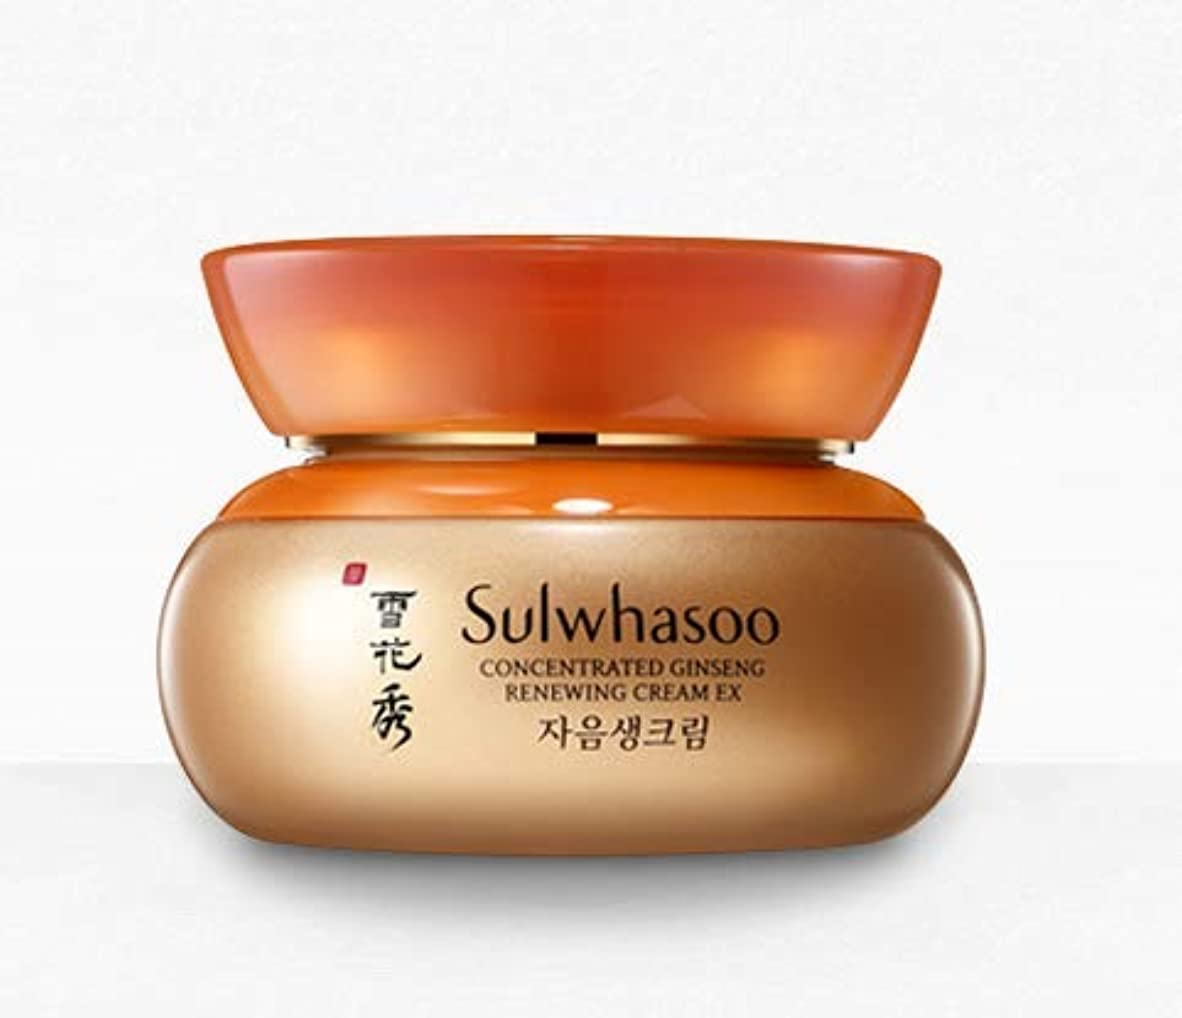 [(雪花秀) Sulwhasoo] [ Concentrated GINSENG RENEWING CREAM EX 60ml Anti-aging cream]並行輸入品 [並行輸入品]